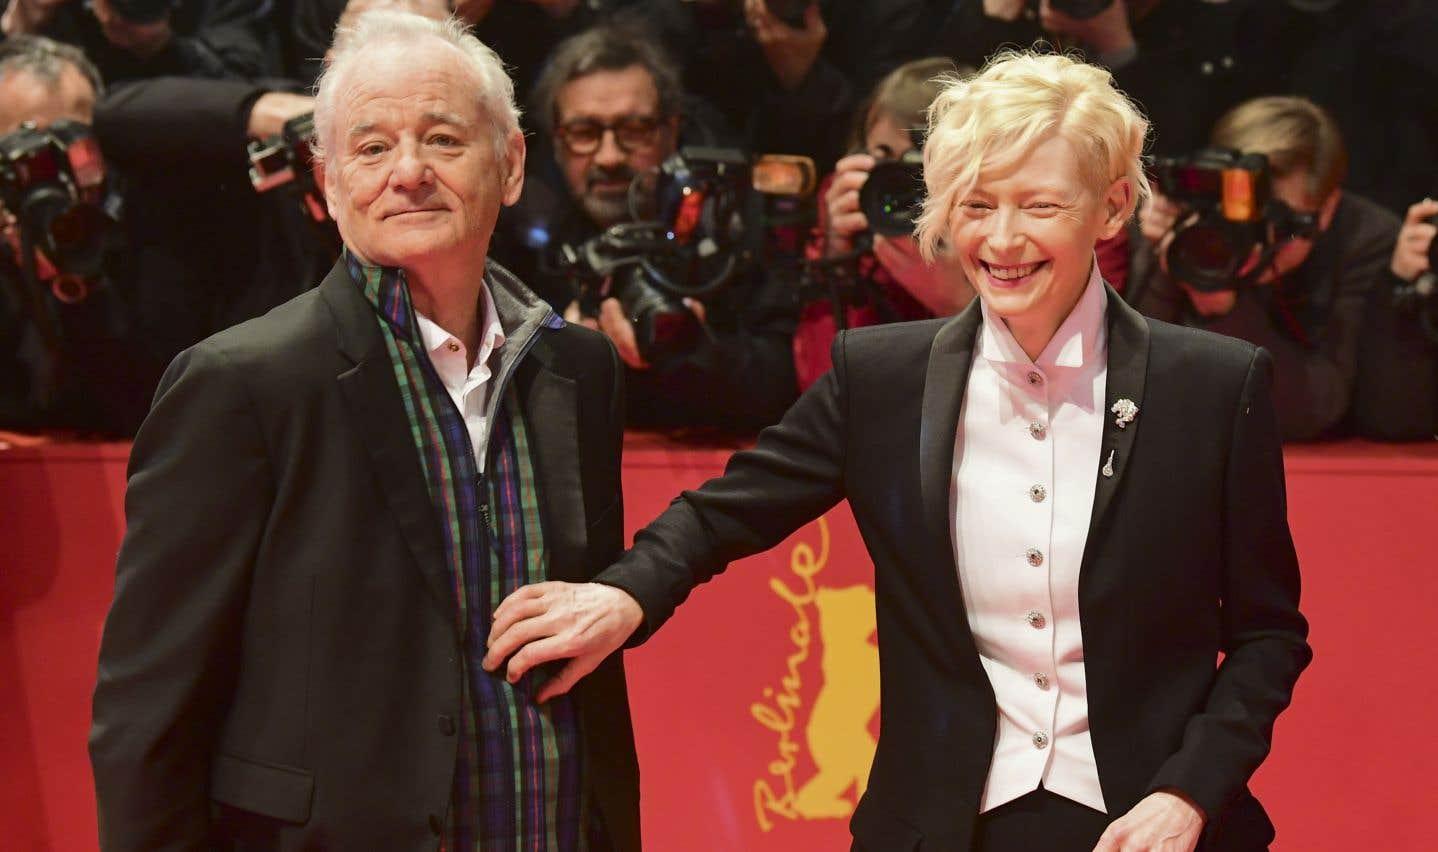 Plusieurs invités du premier grand festival de cinéma en Europe de l'année ont ainsi foulé le tapis rouge vêtus de noir, dont les acteurs Bill Murray et Tilda Swinton.